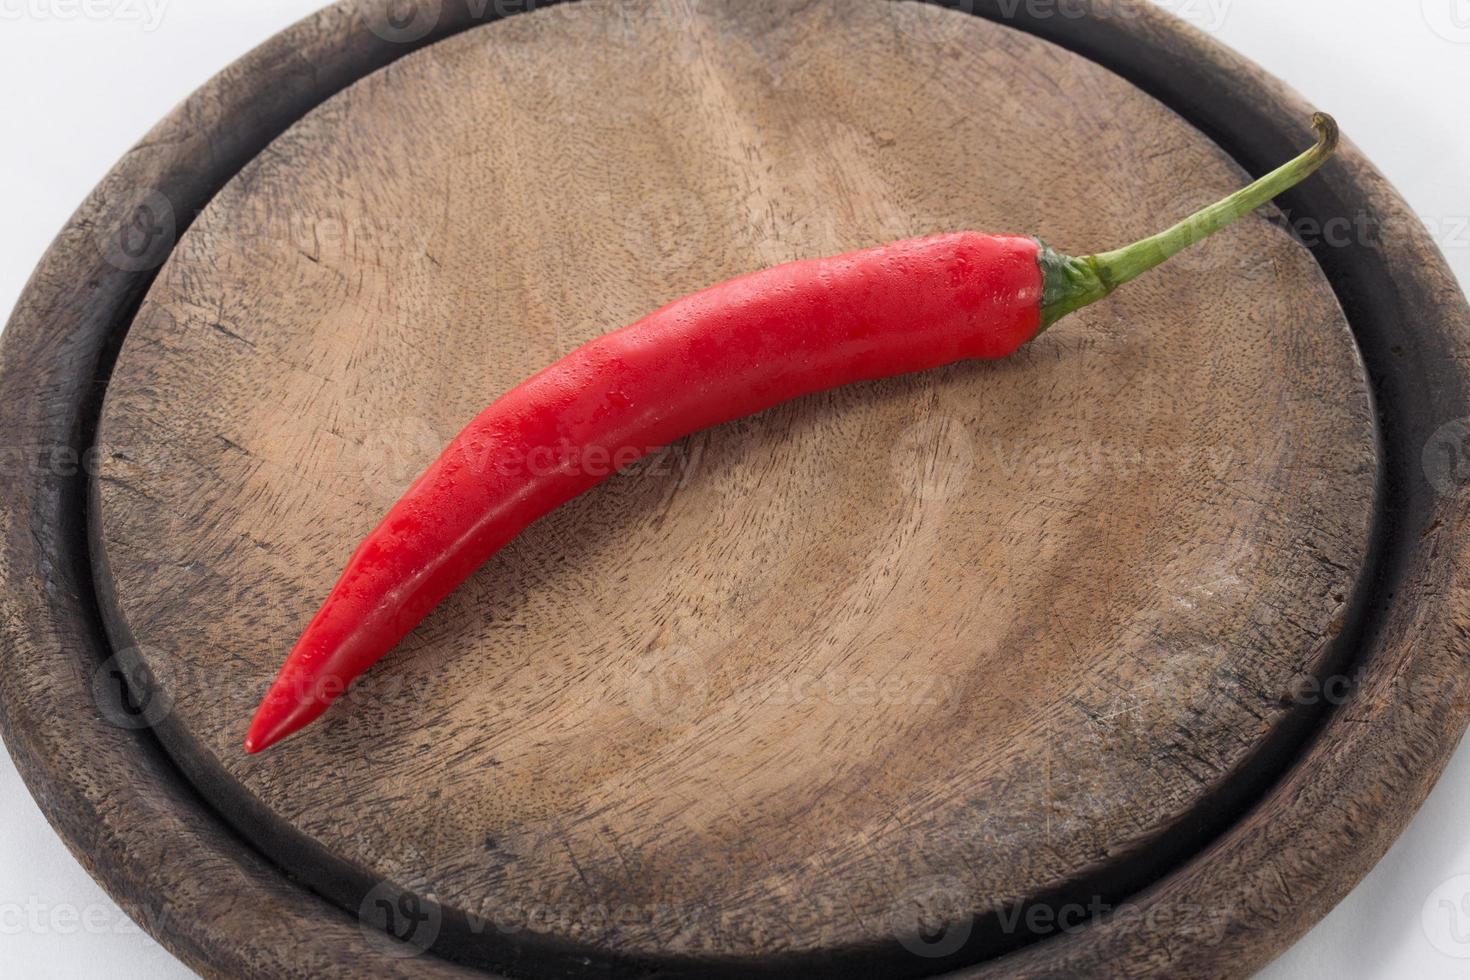 röd chili på hackblock foto